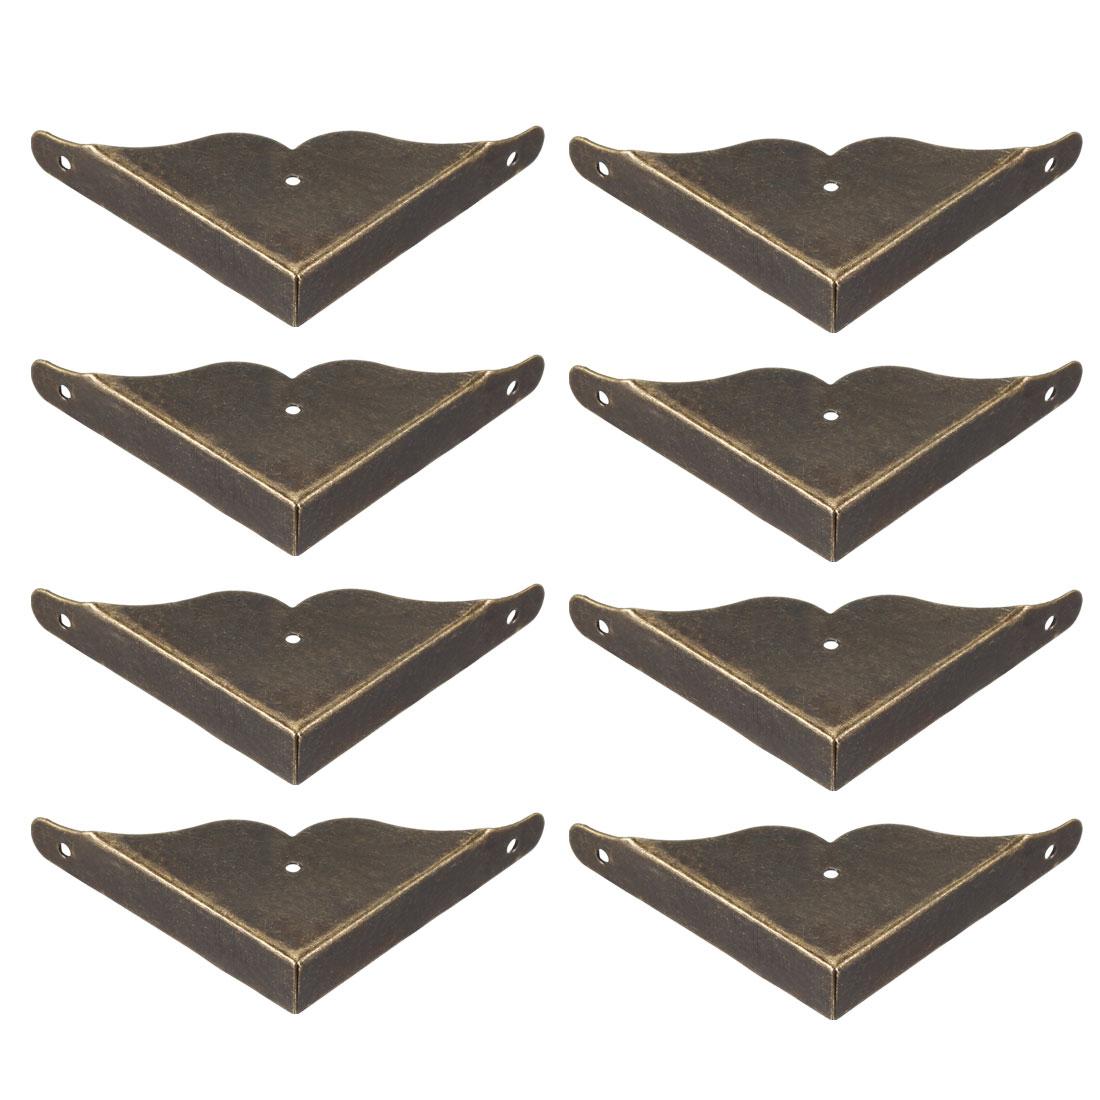 Metal Desk Corner Protectors Table Edge Cover Guard 39x39x8mm Bronze Tone 8pcs